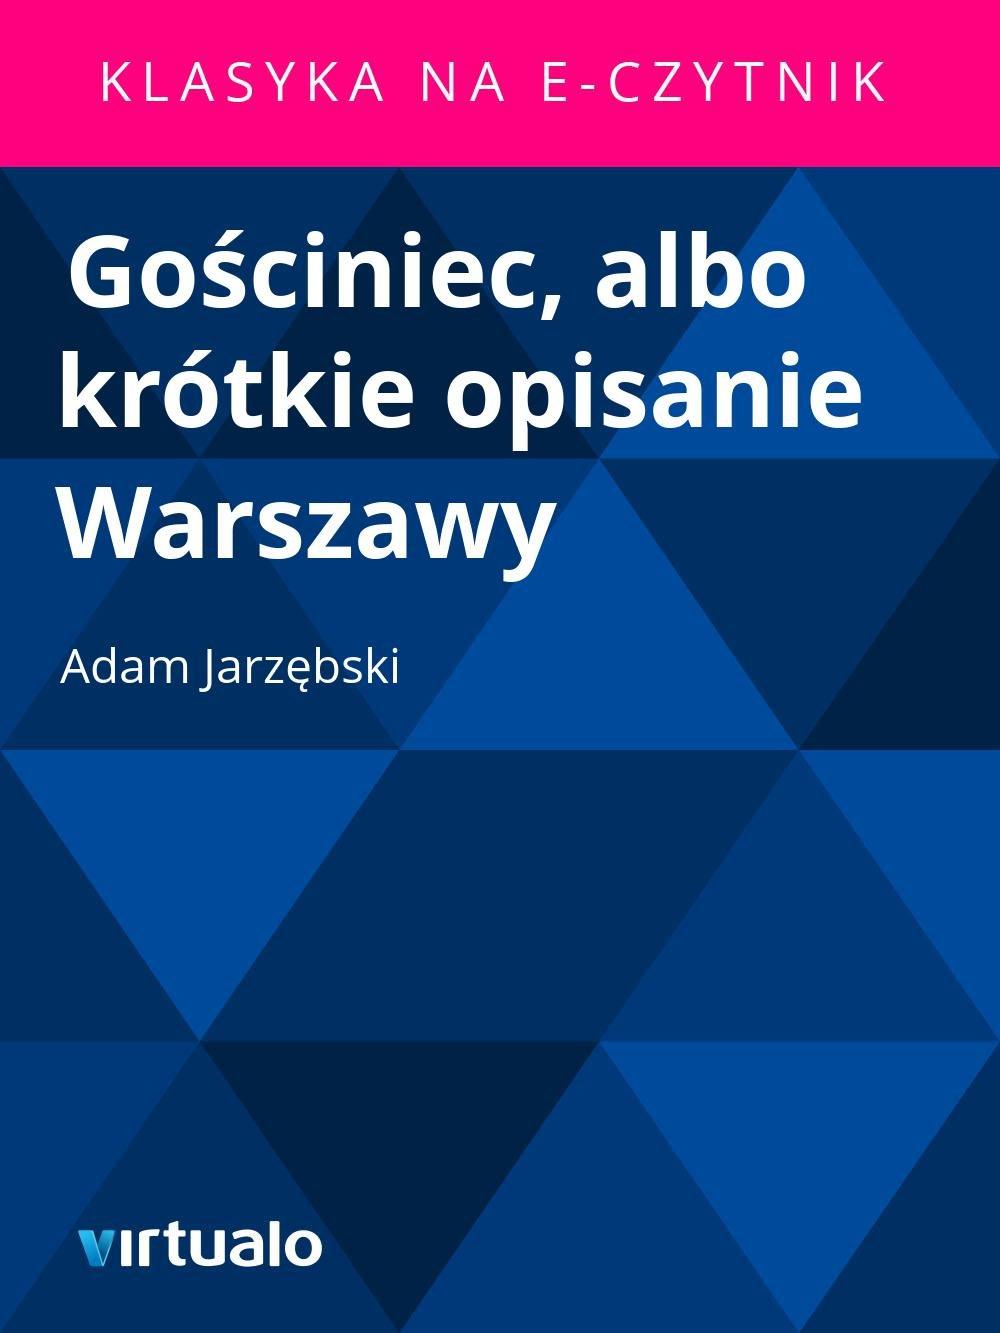 Gościniec, albo krótkie opisanie Warszawy - Ebook (Książka EPUB) do pobrania w formacie EPUB